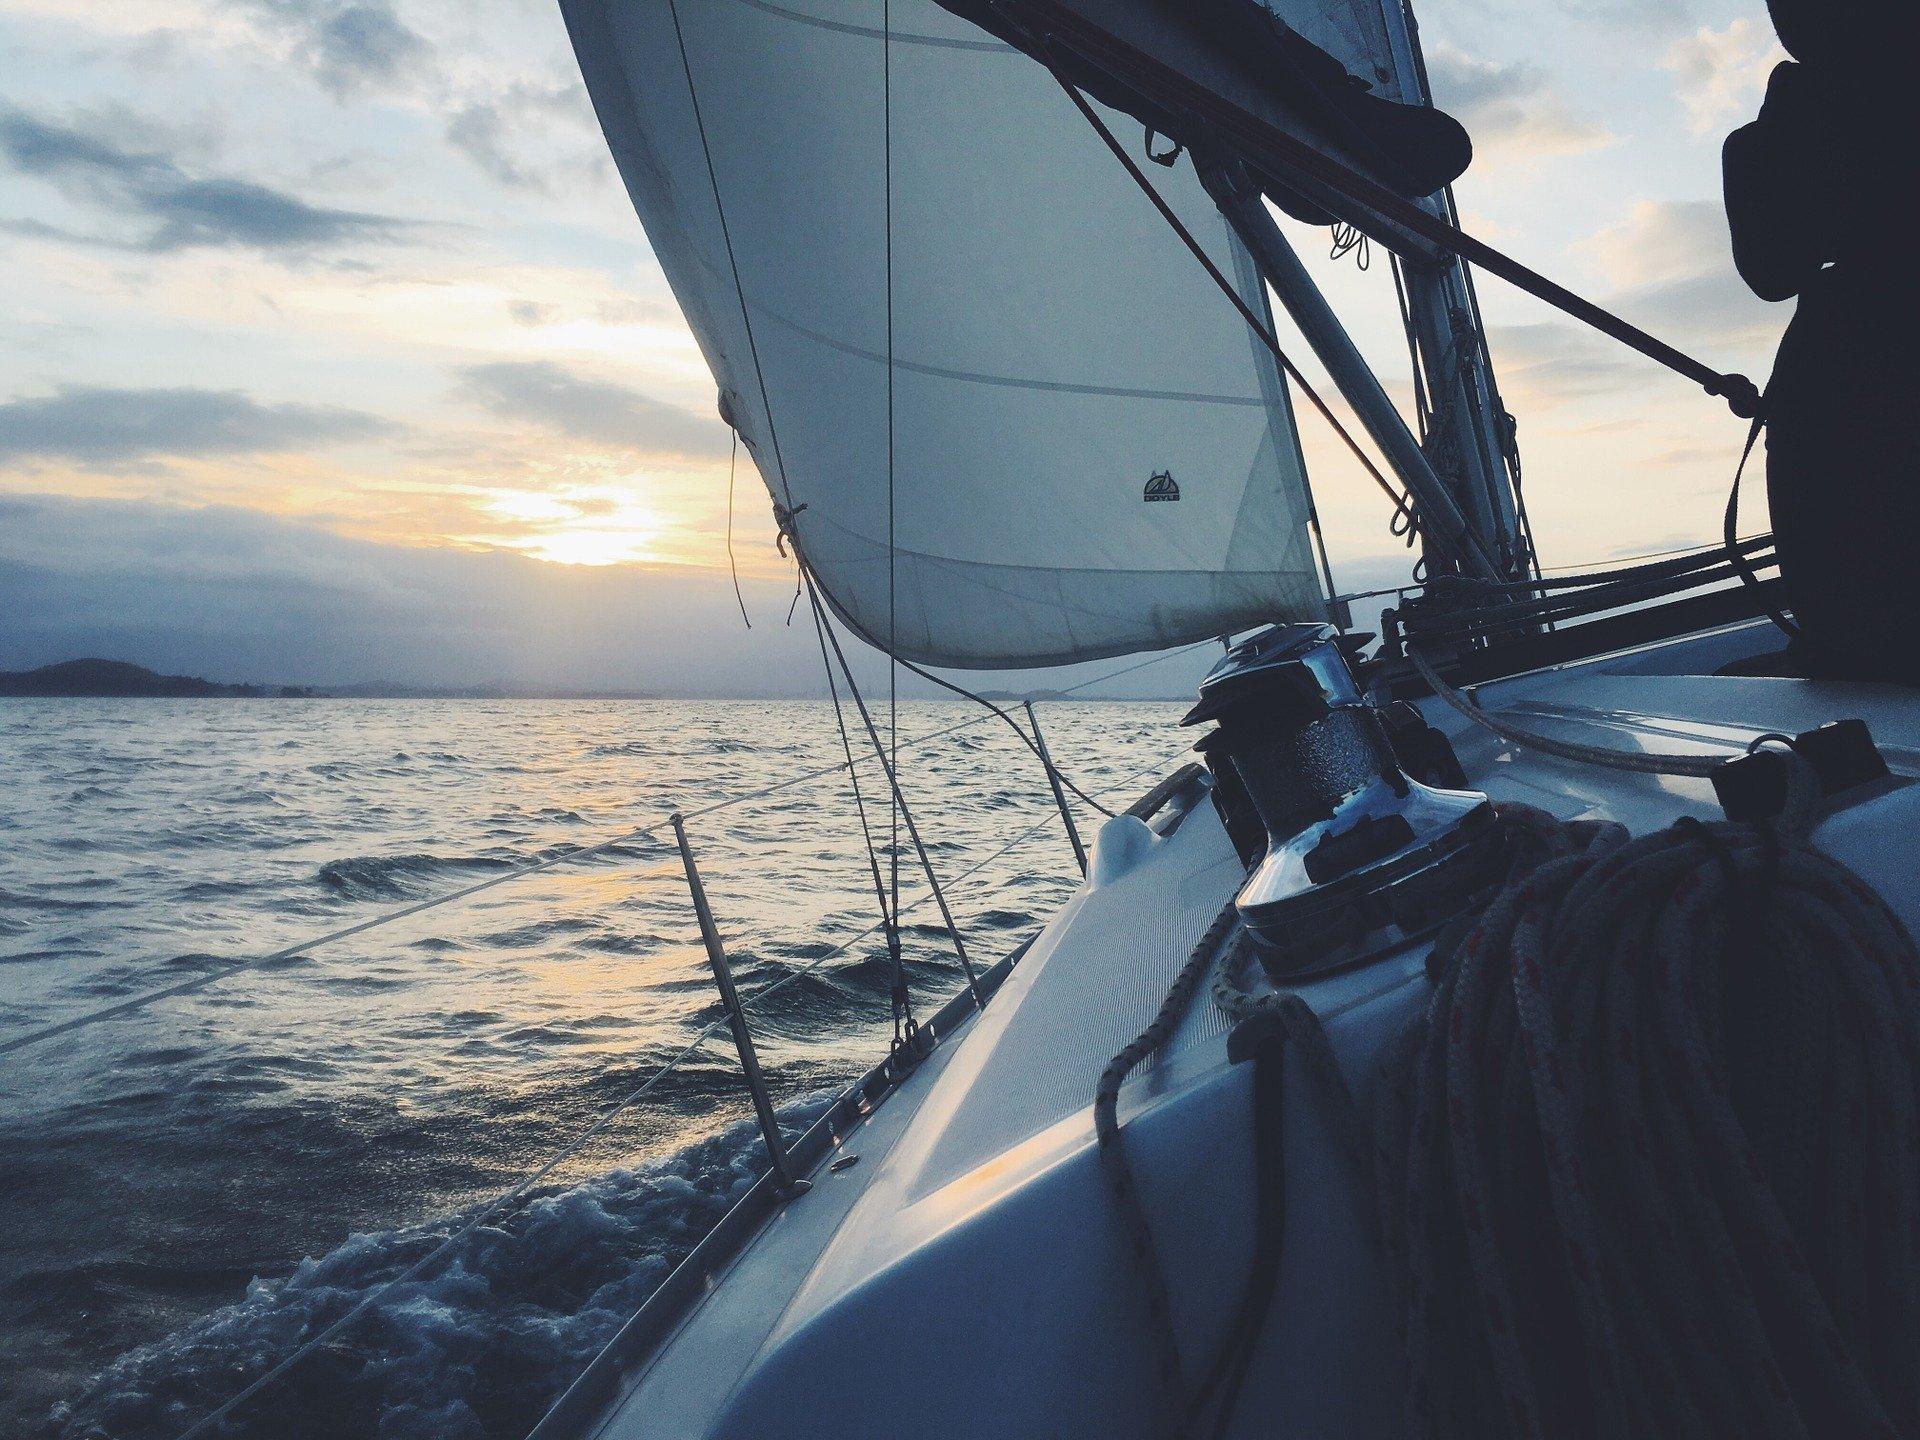 Foto de parte de um barco, vemos a vela, o mar ao lado e o céu. Imagem ilustrativa para texto seguro de barco.